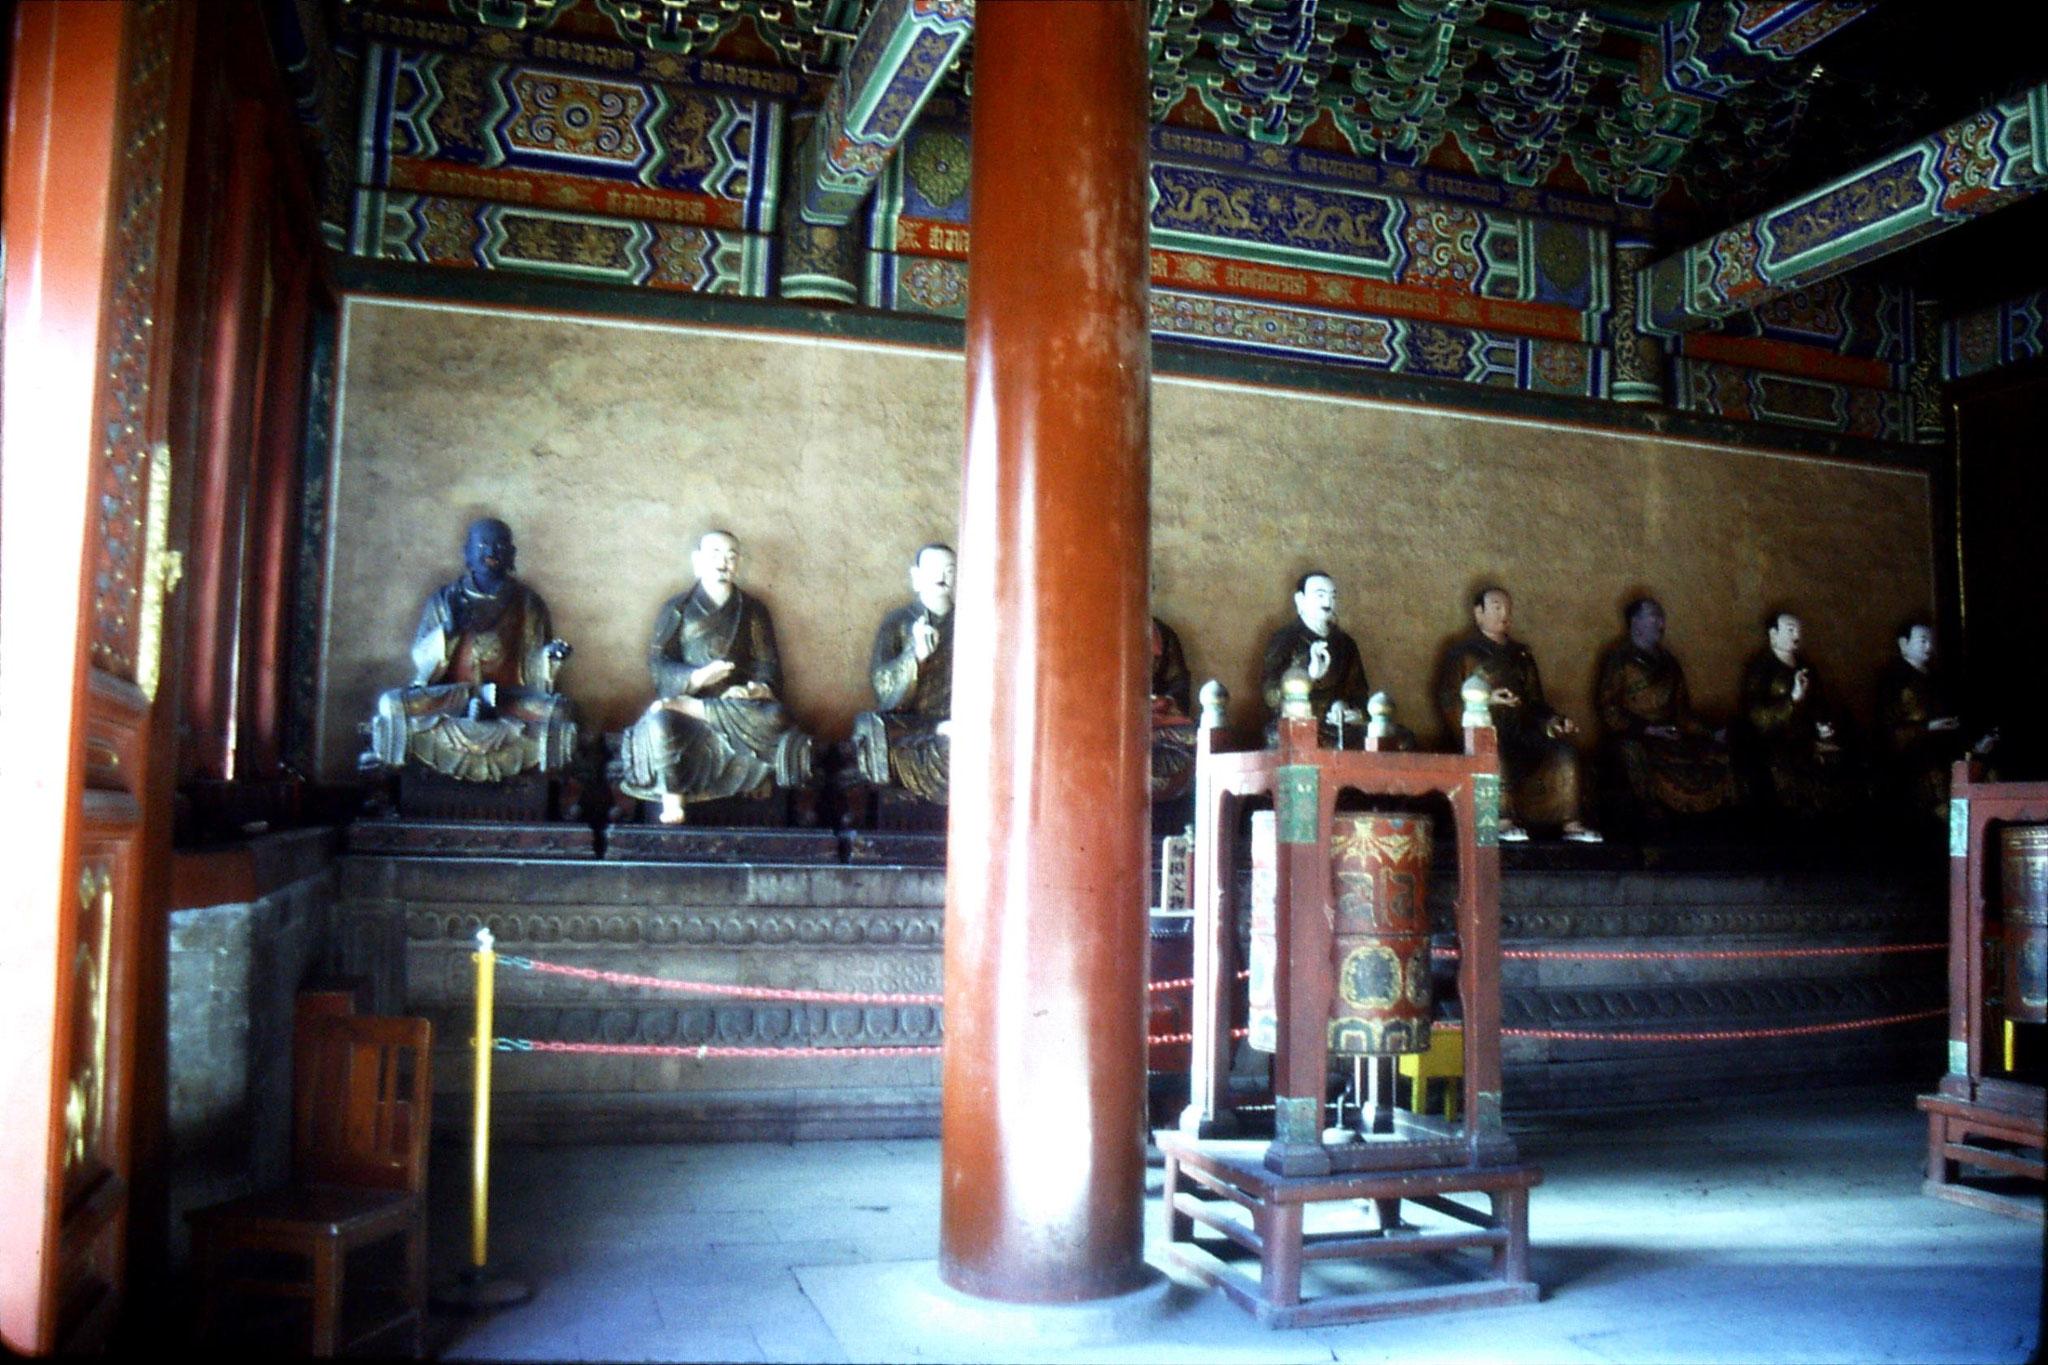 4/12/1988: 7: Beijing Yong He temple